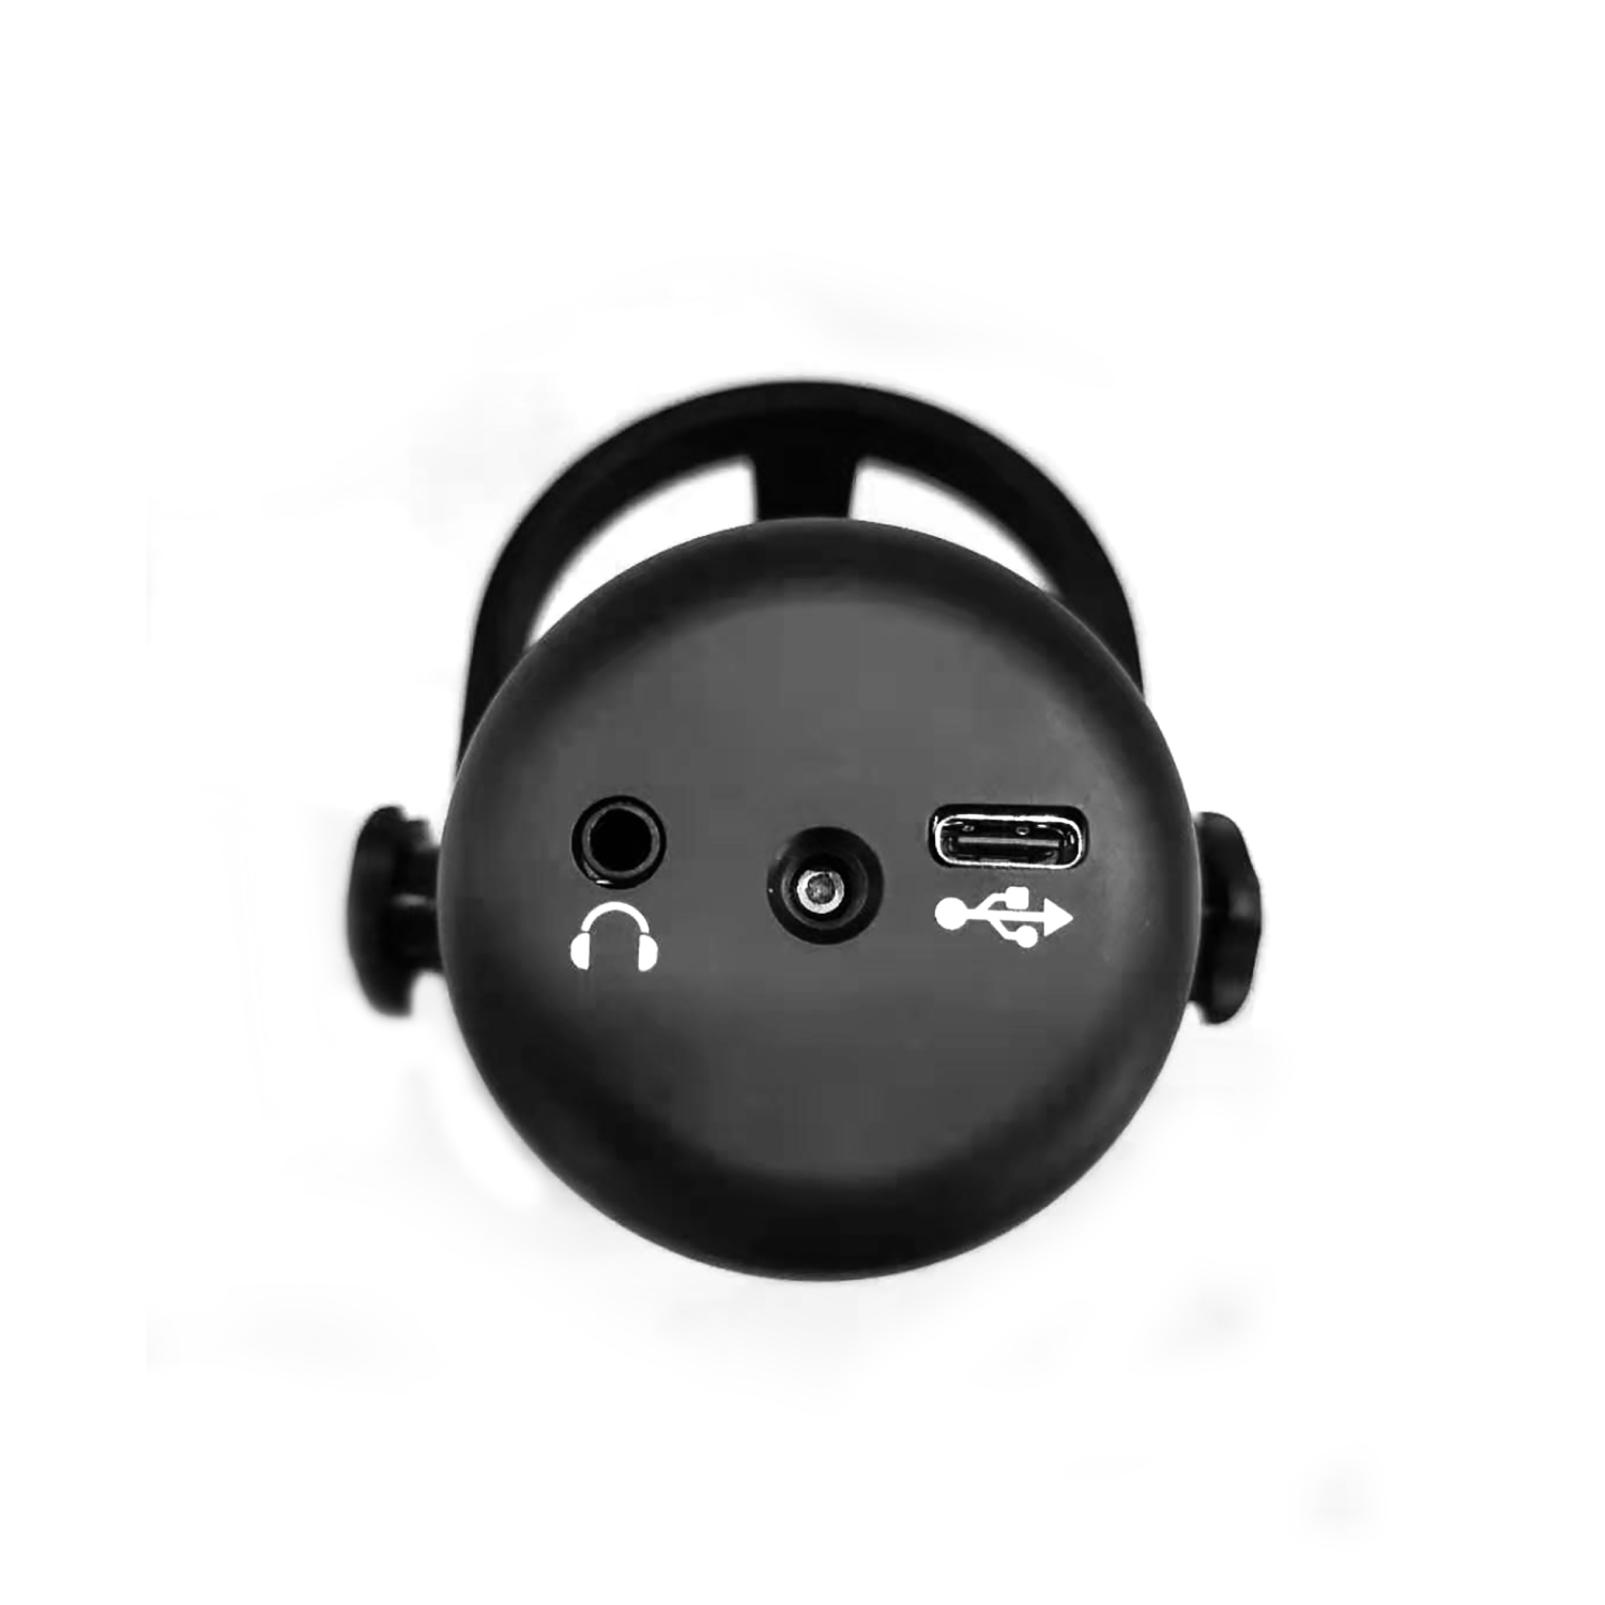 JBLCSUM10 - Black - Compact USB Microphone - Detailshot 2